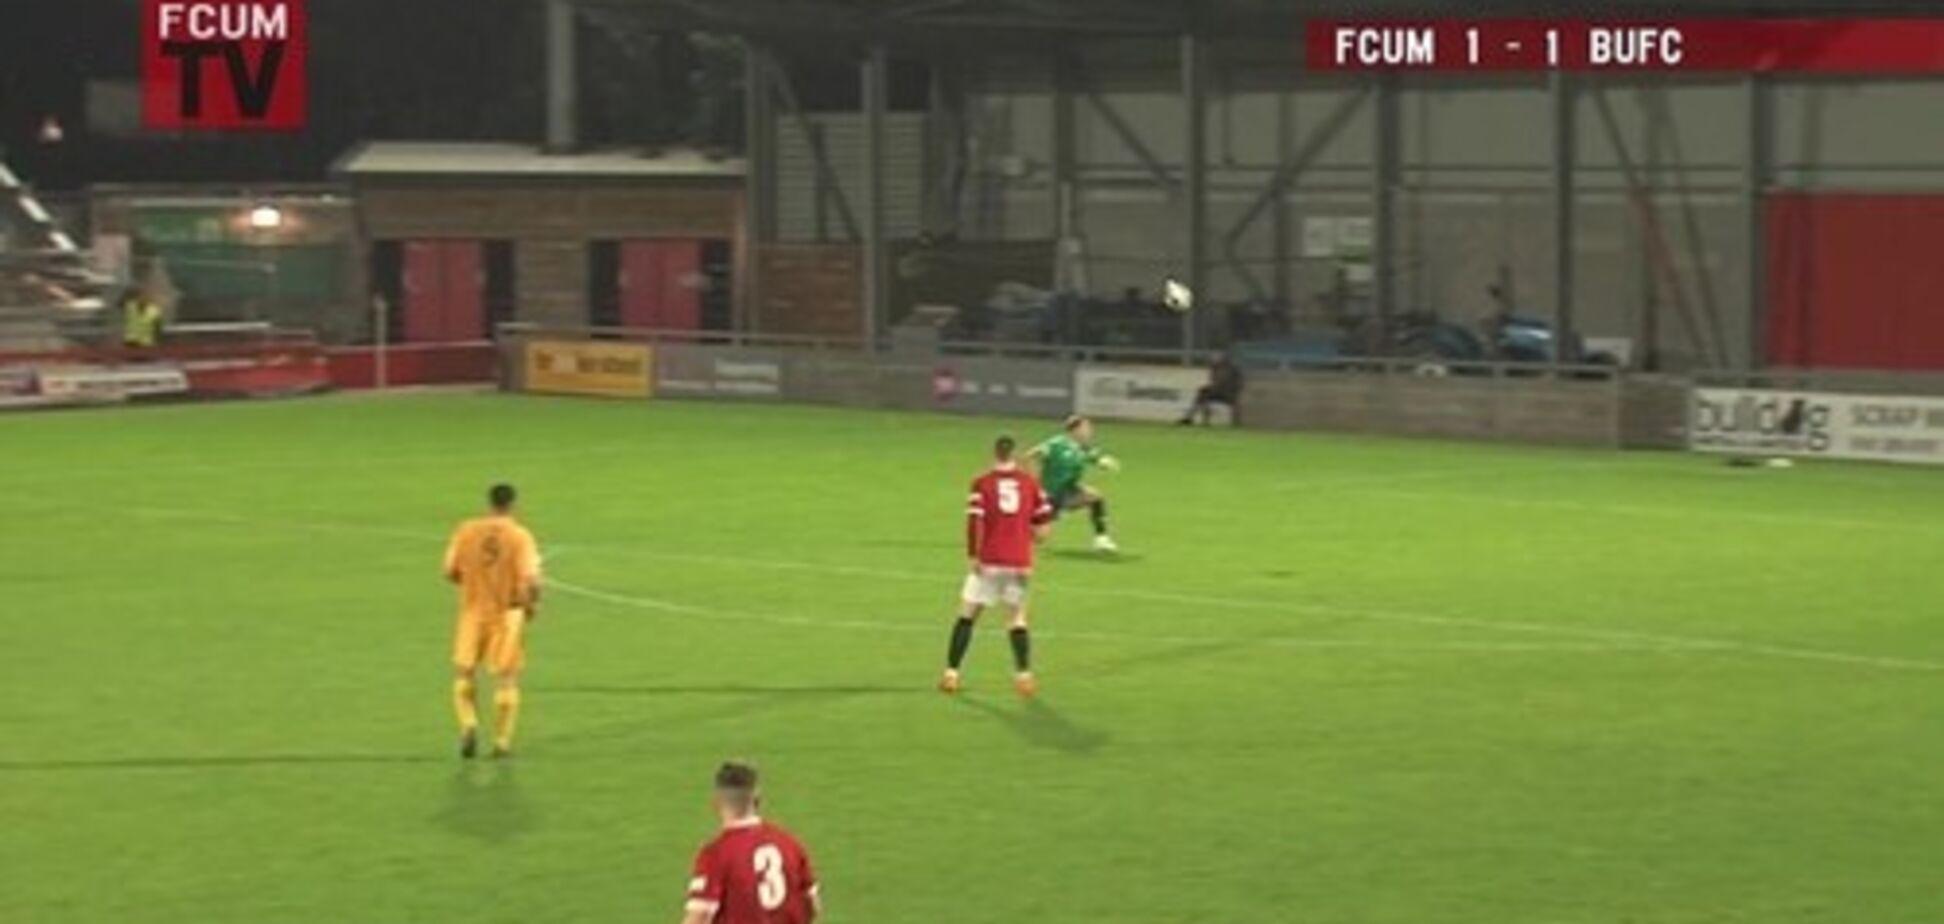 Английский футболист забил гол головой ударом через полполя